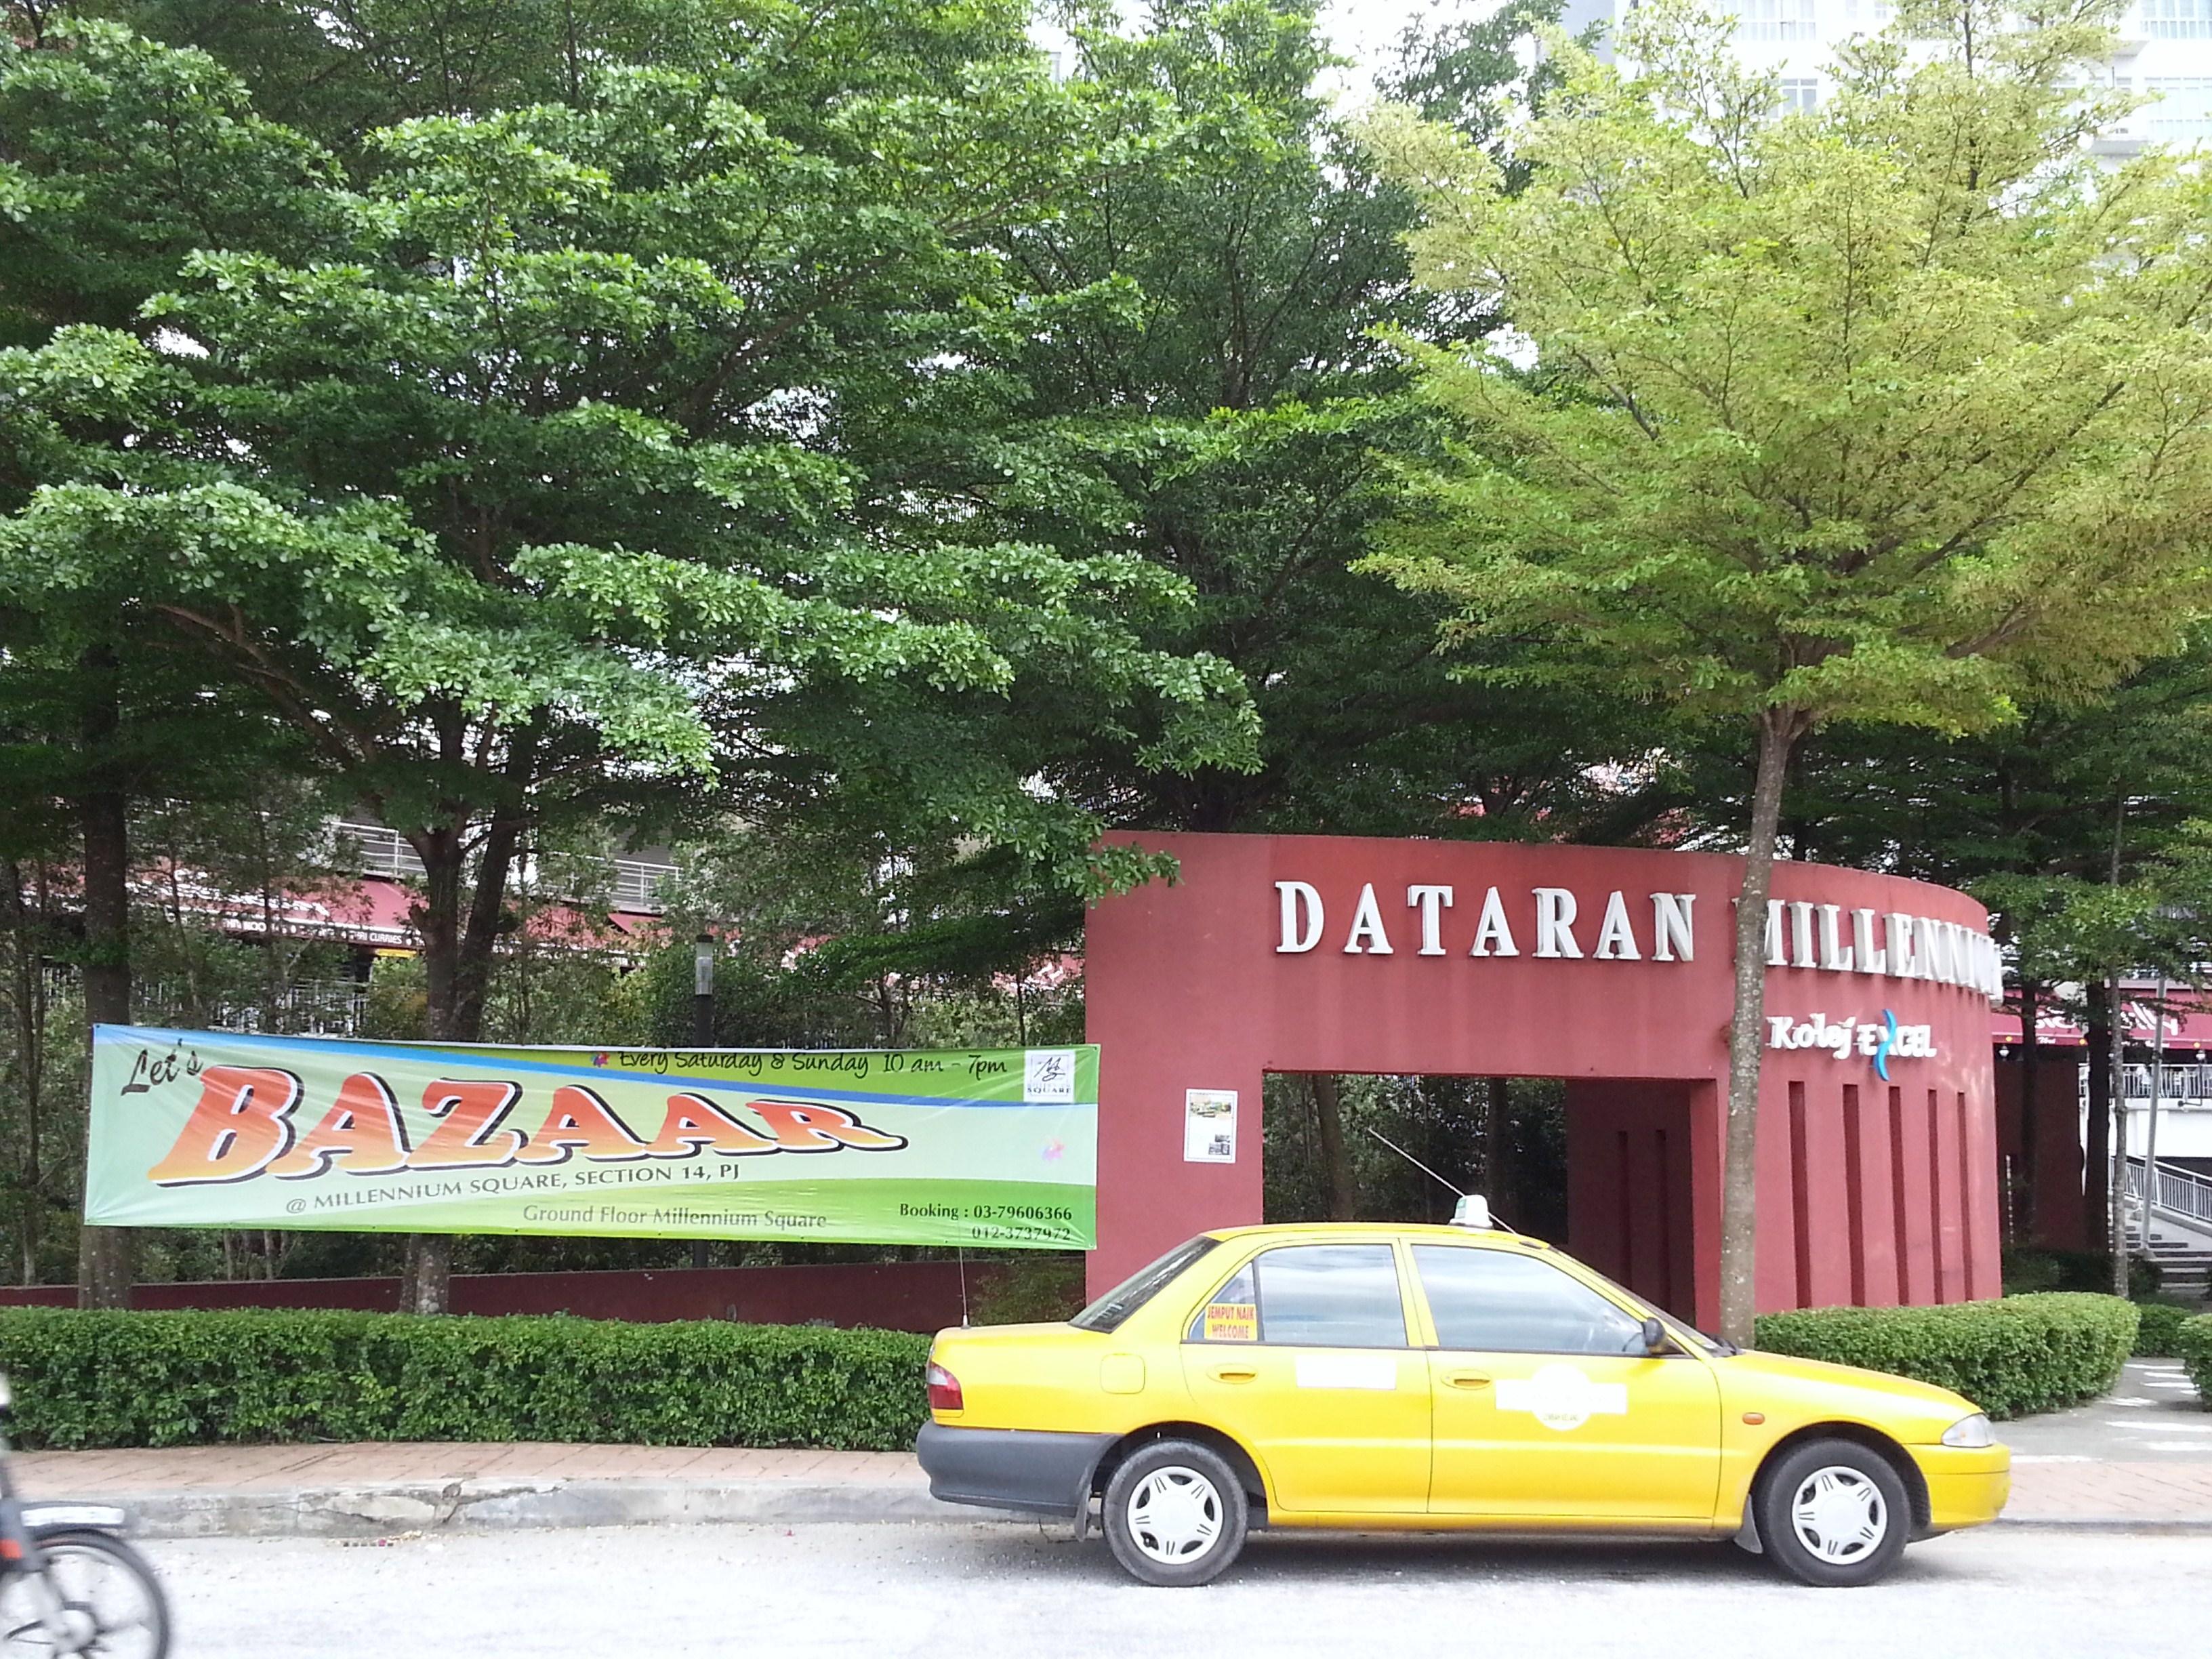 Millennium Square Bazaar